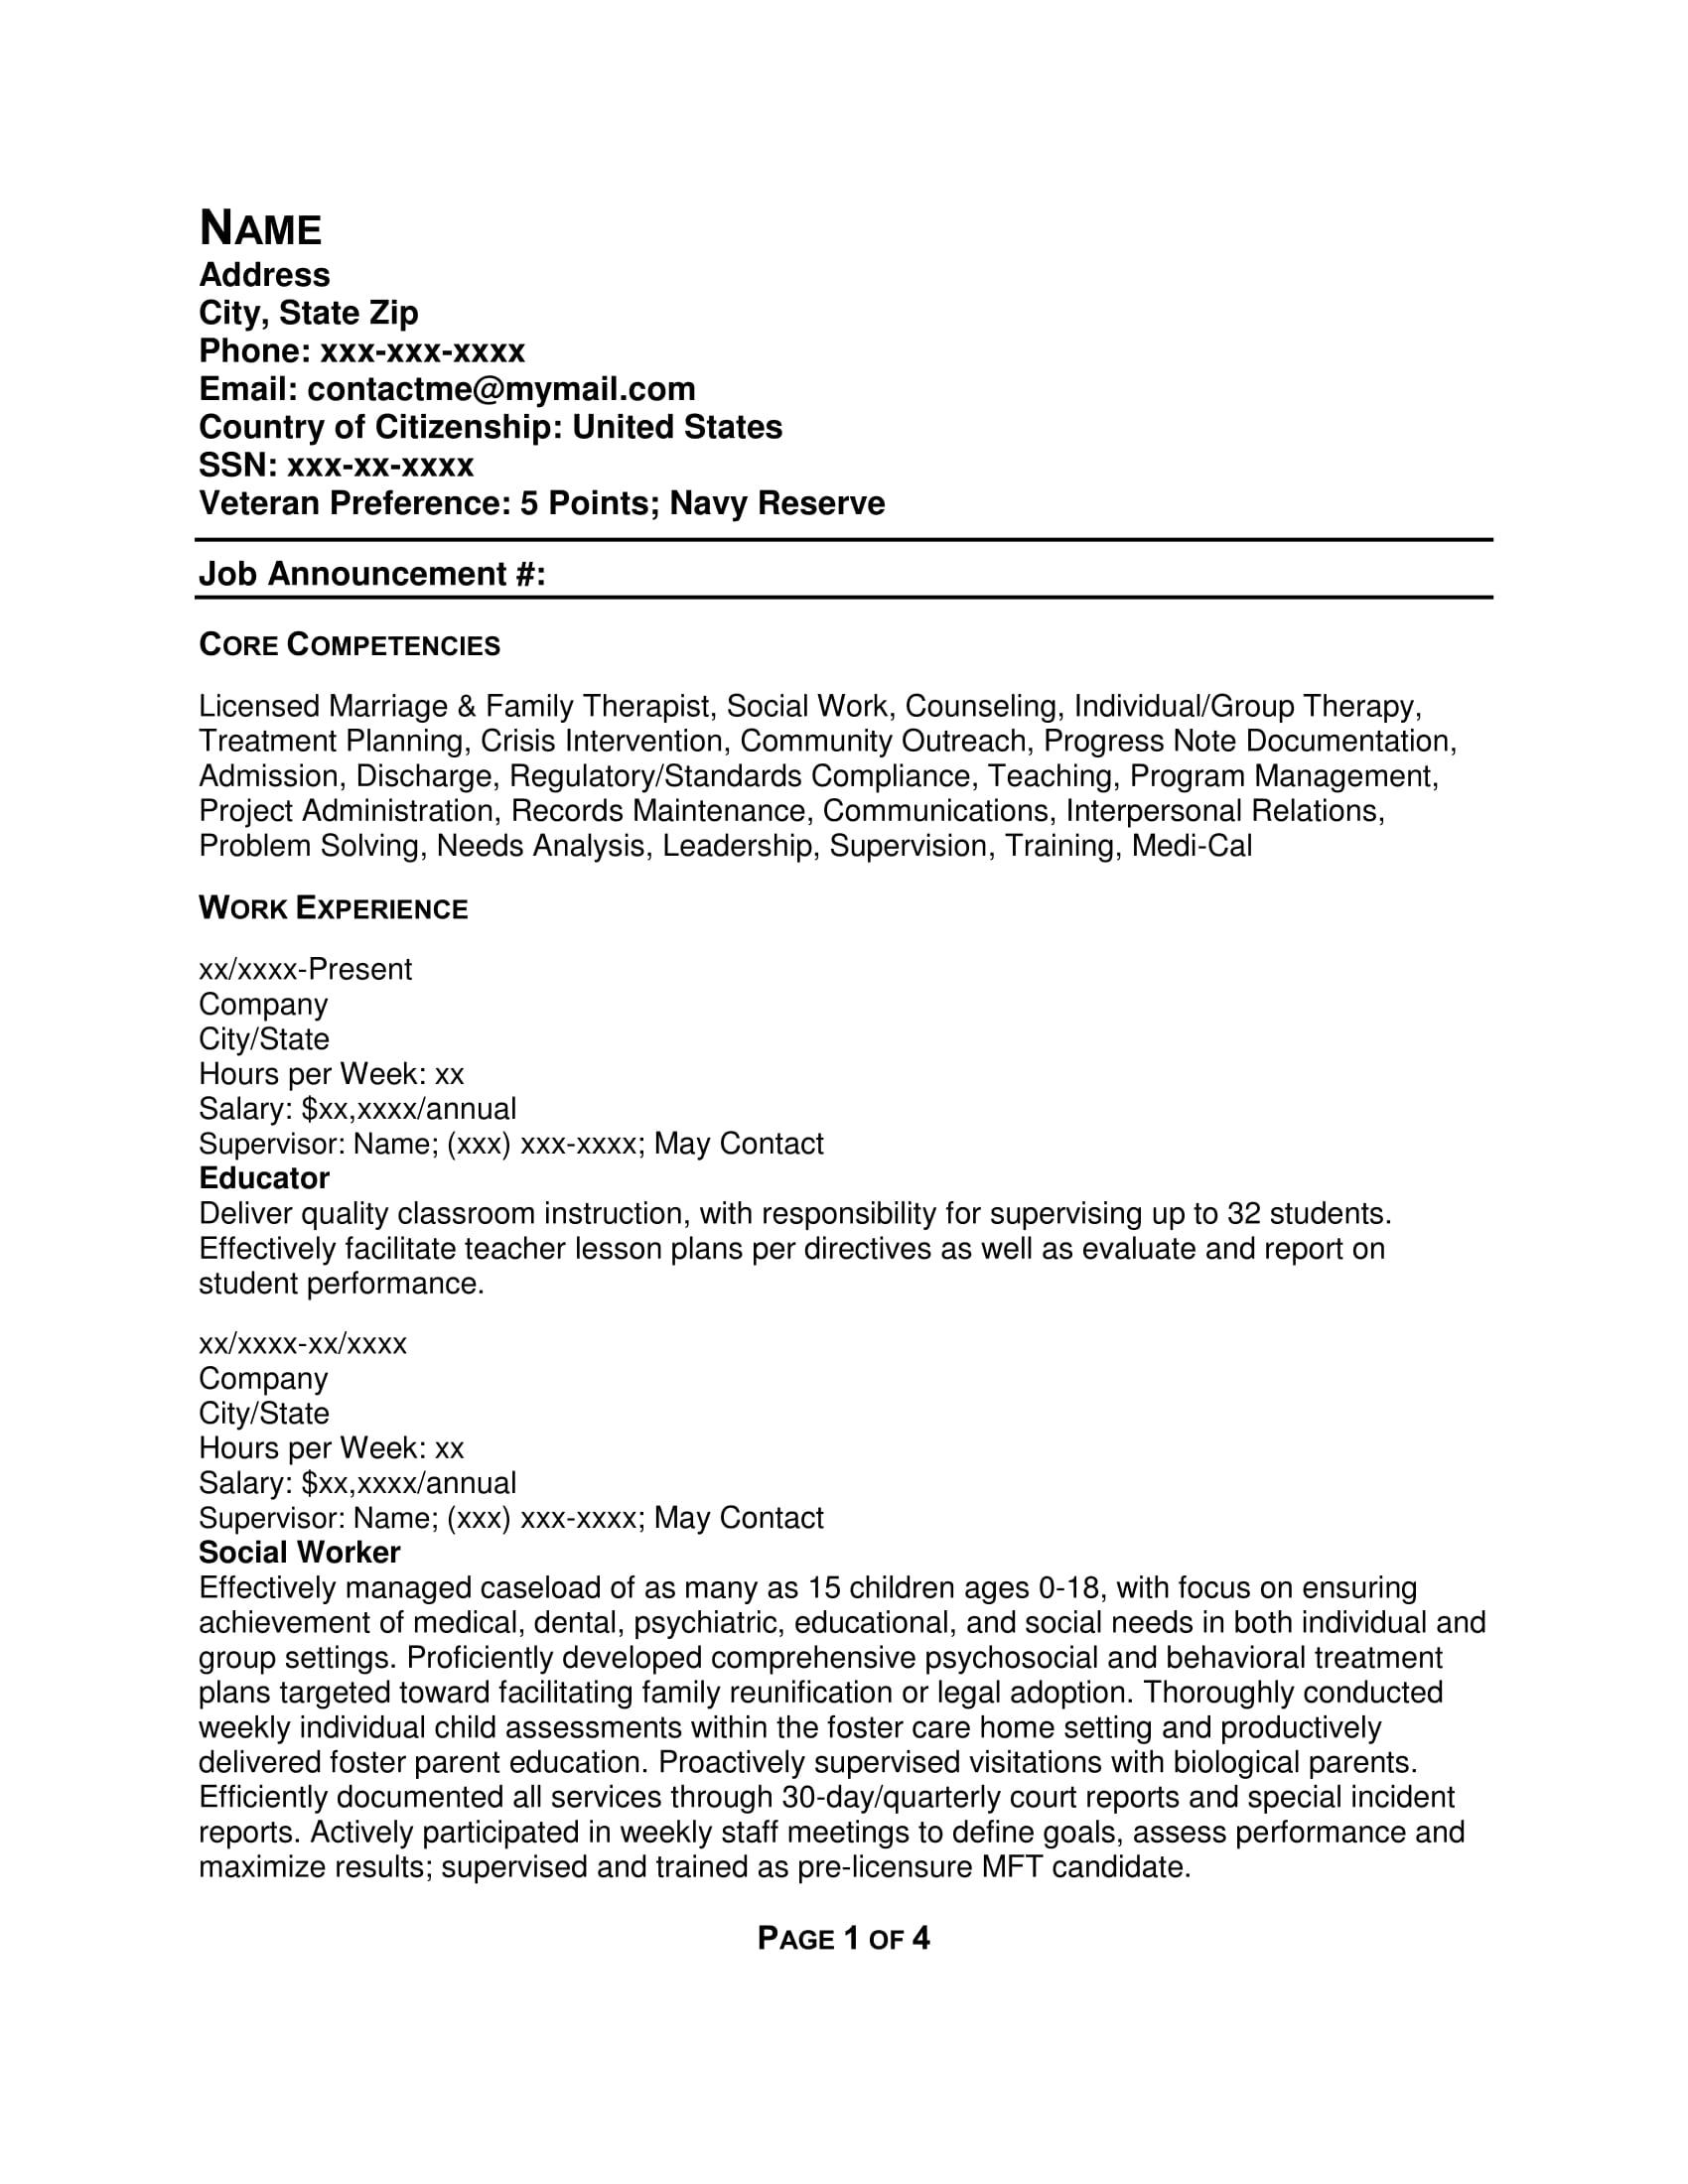 100 groundskeeper resume careers georgetown university send